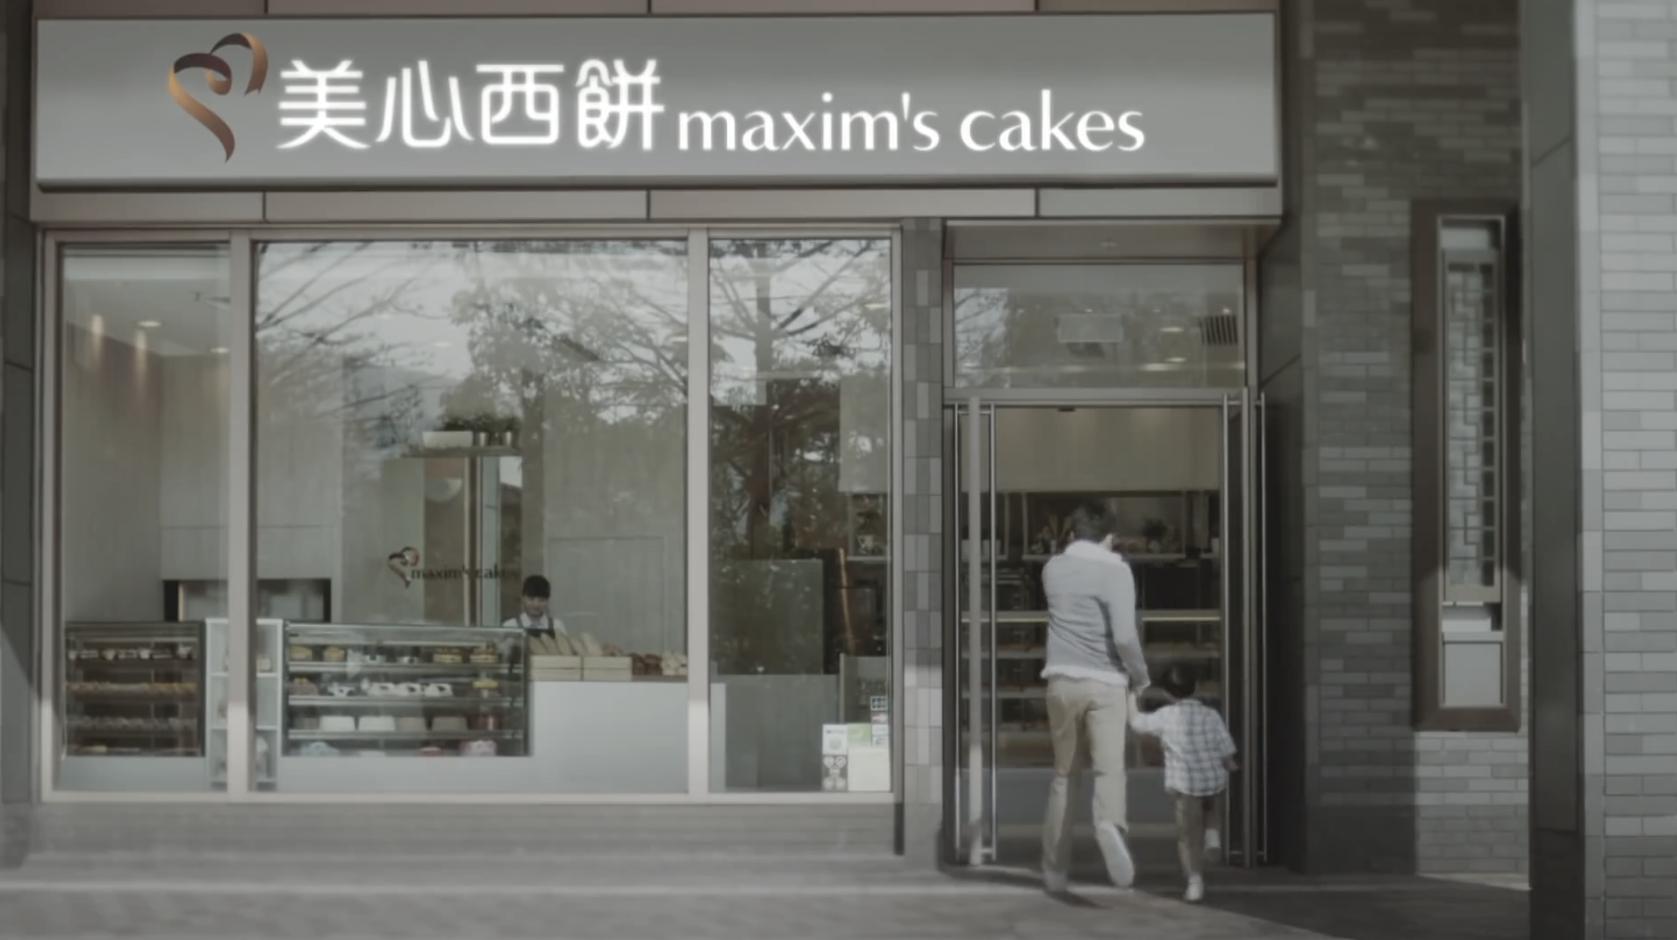 張智霖 美心家庭面包广告